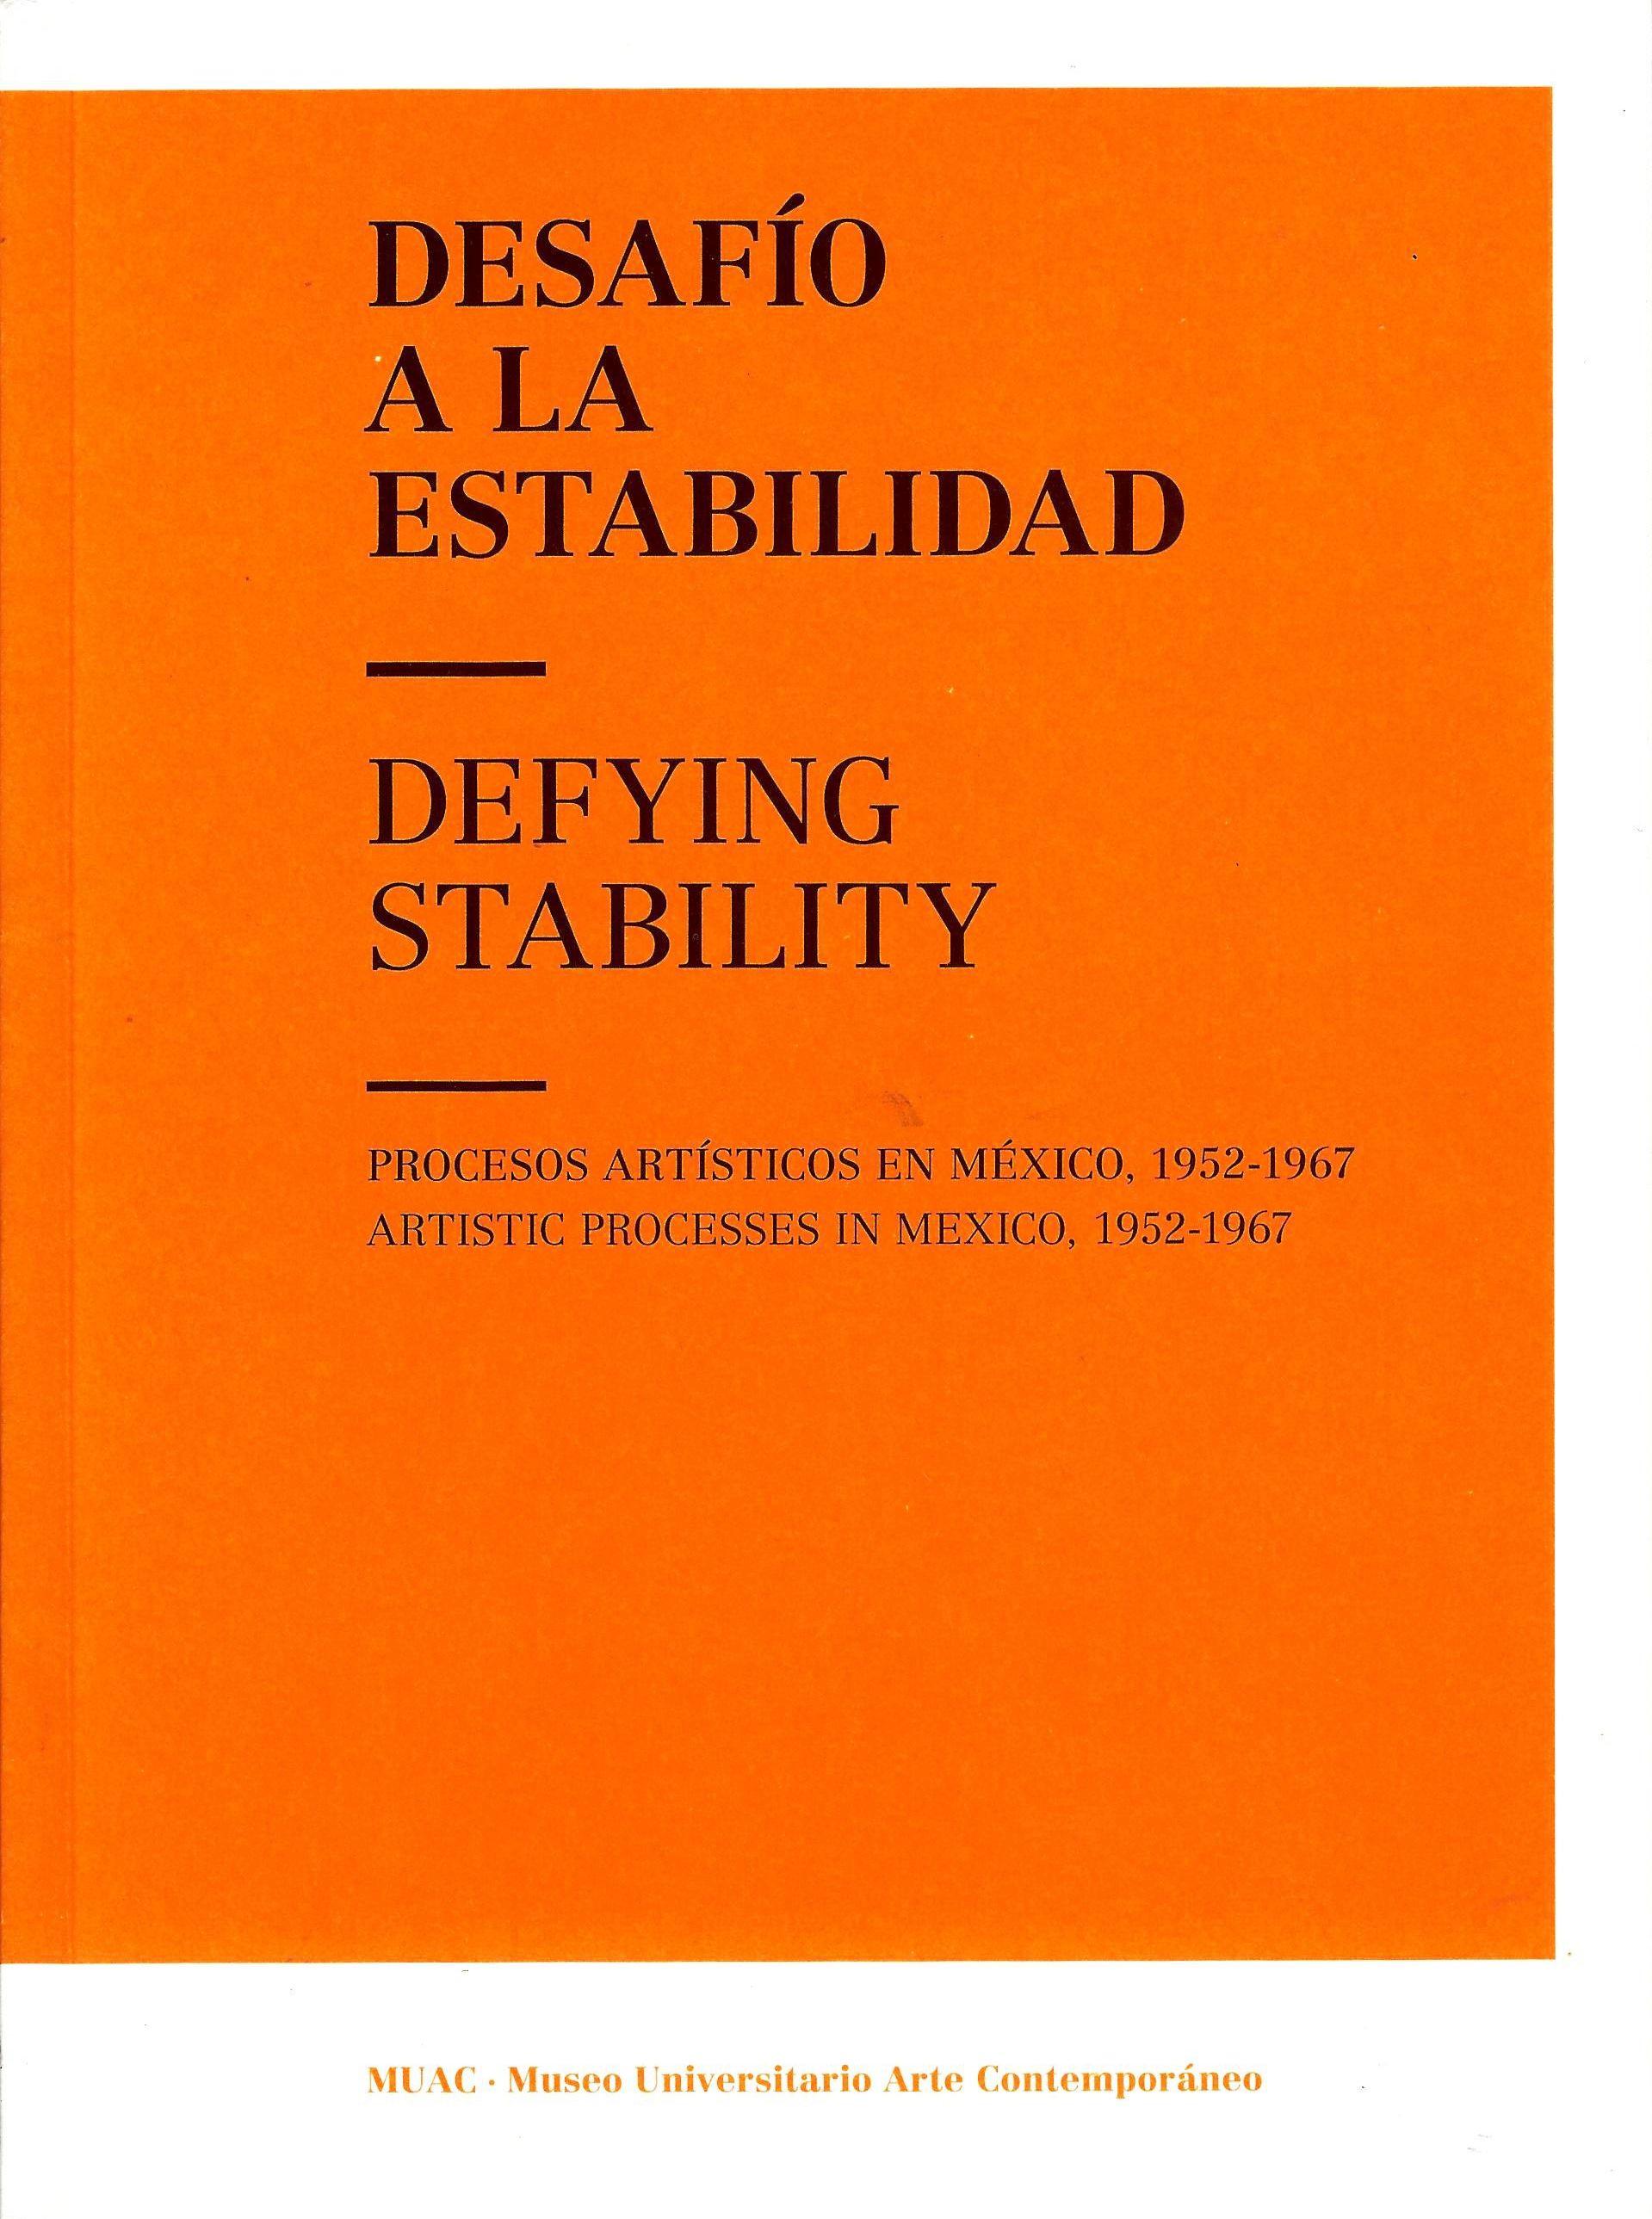 Desafío a la estabilidad. Procesos artísticos en México, 1952-1967/ Defying Stability. Artistic